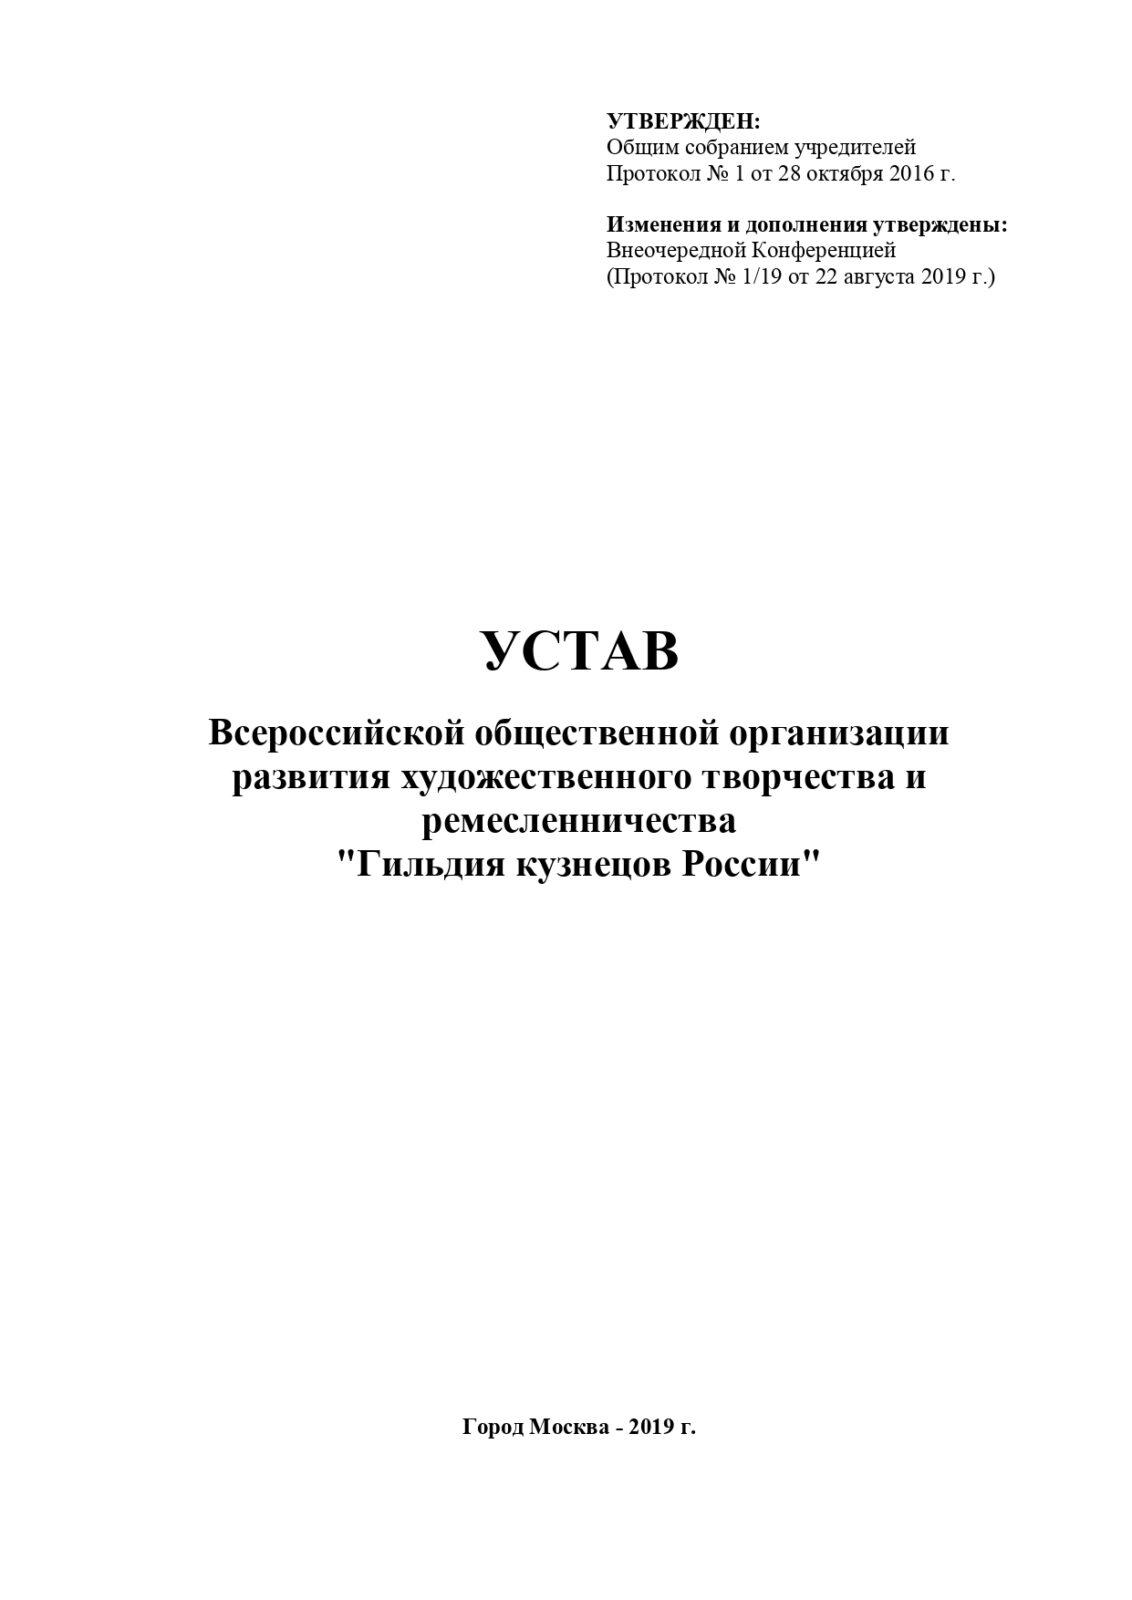 ustav_GKR_page-0001